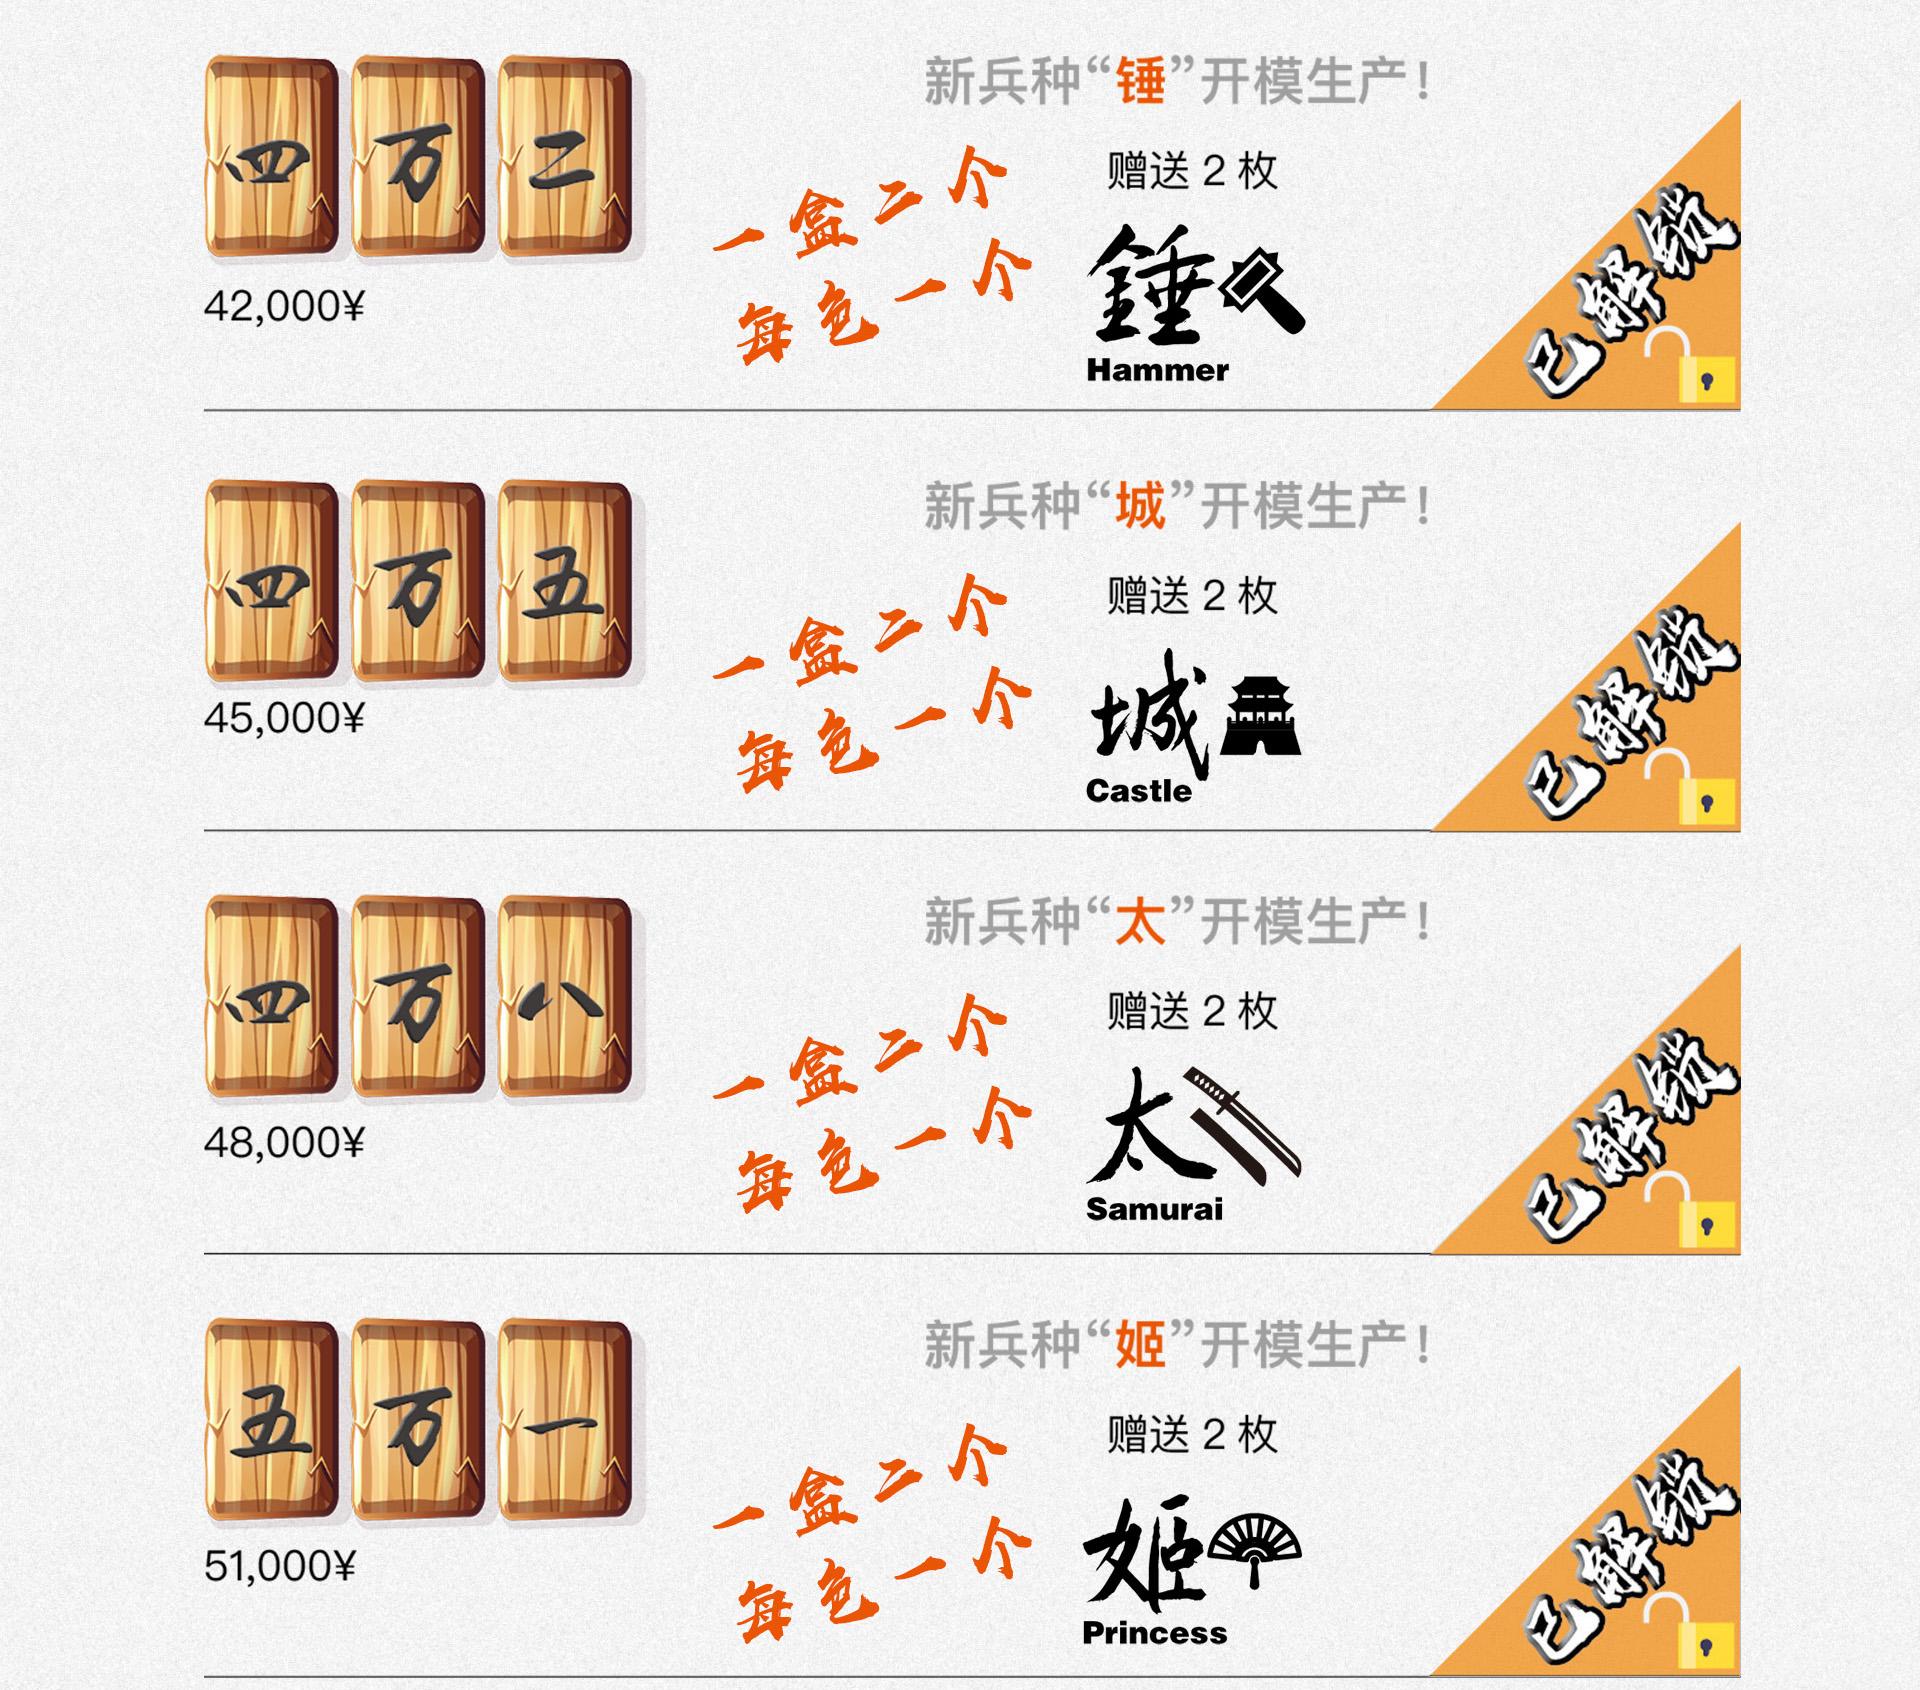 《秦棋攻略》解锁设置 4枚新开模棋子.jpg